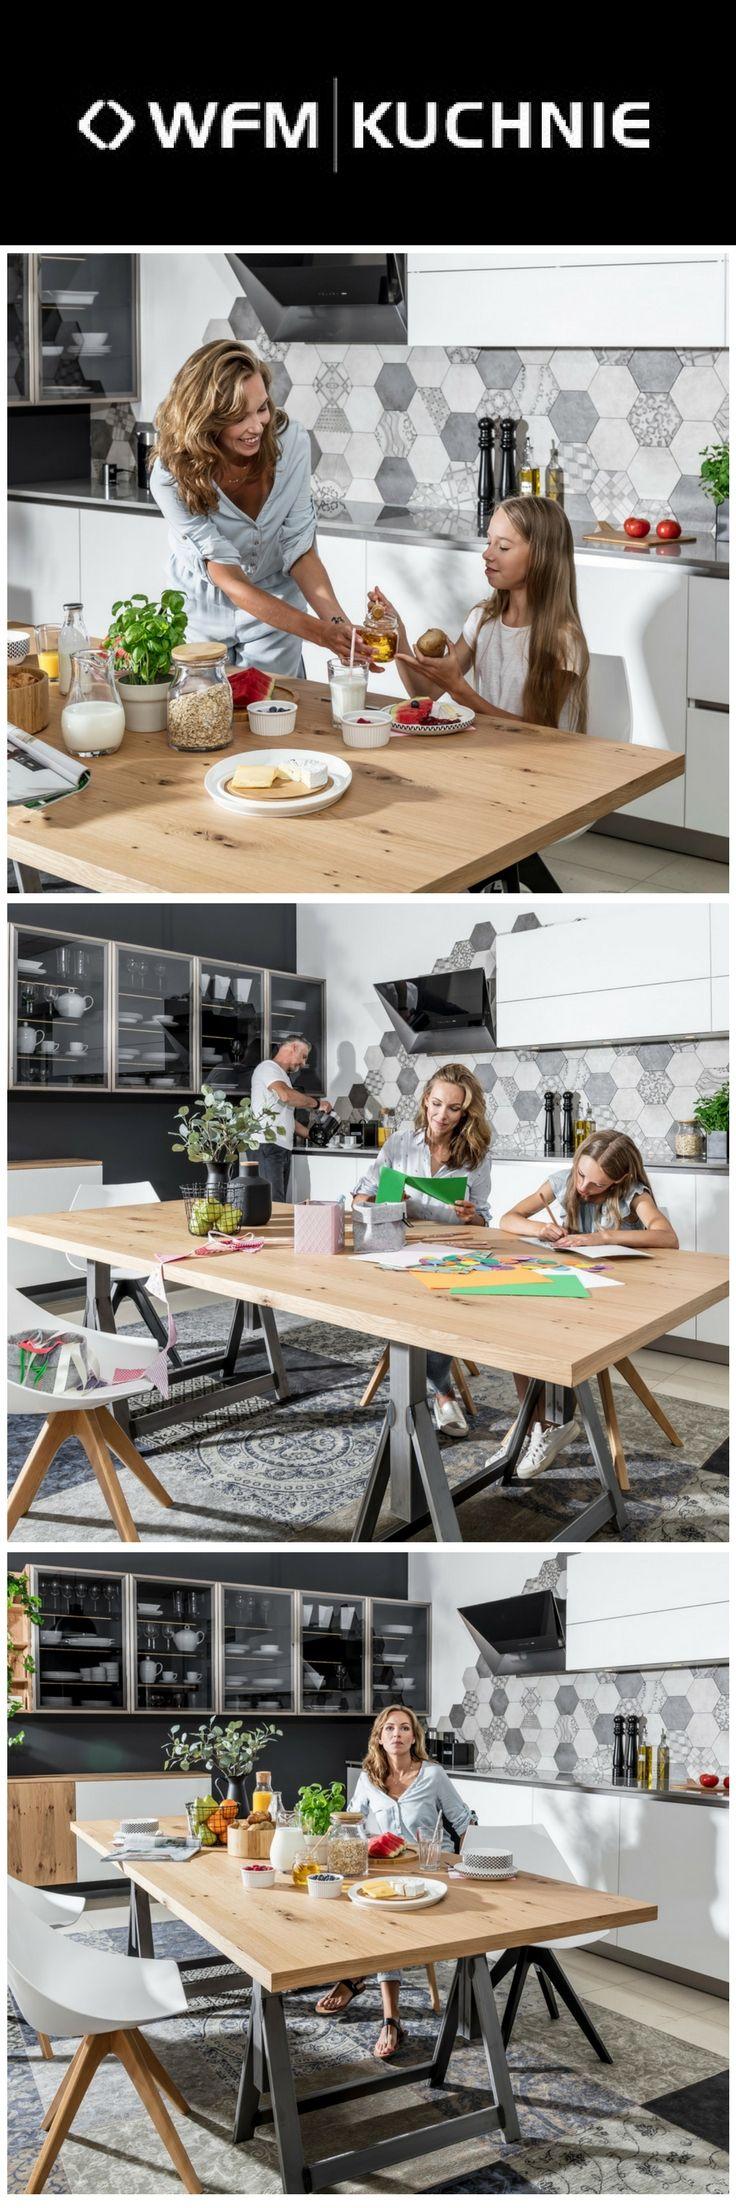 Kuchnia marki WFM KUCHNIE. Program CALMA biały. Duży stół to nie tylko miejsce do wspólnego spożywania posiłków ale także miejsce do codziennych spotkań domowników. Stół drewniany nawiązujący do trendu natura. Stół może służyć również do pracy.